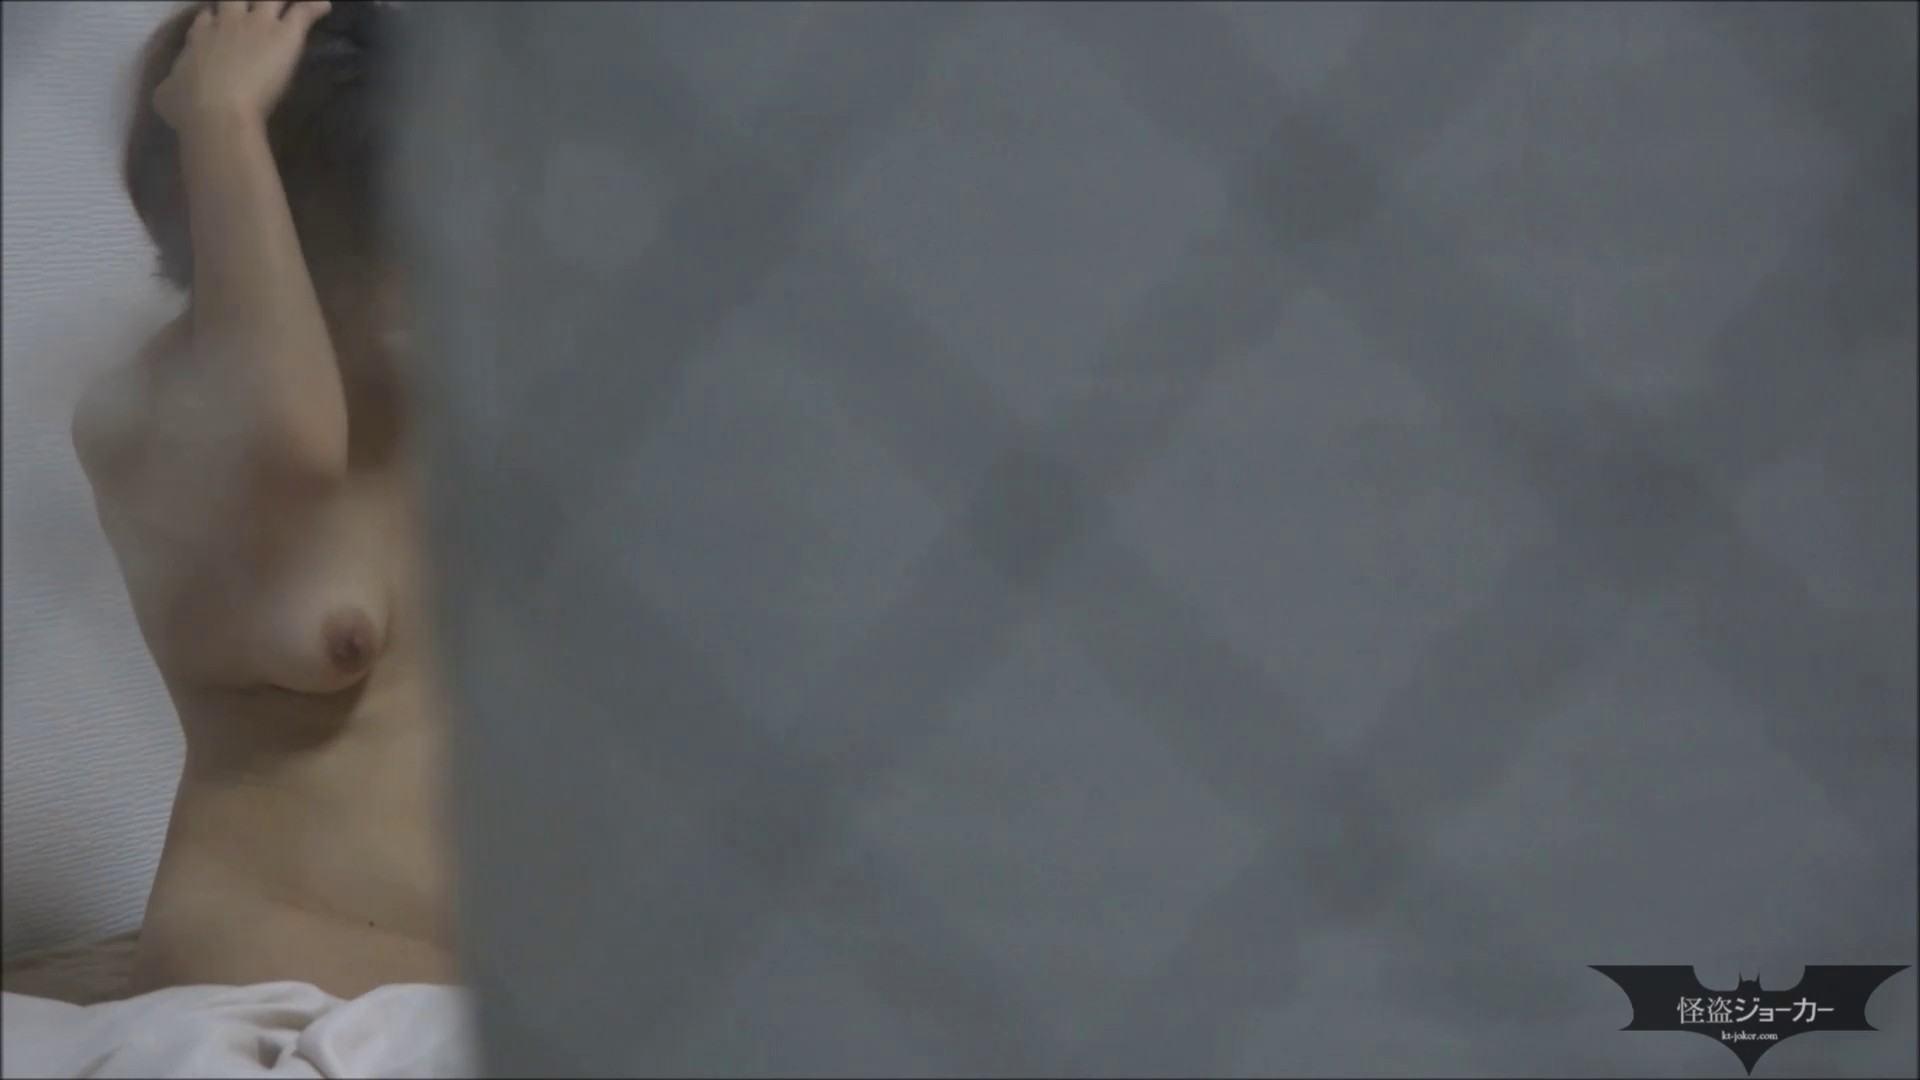 覗き見 Vol.2 【覗き見】♀友達のオナニー。-美人OL- 胸チラハミ胸 ワレメ無修正動画無料 107画像 20